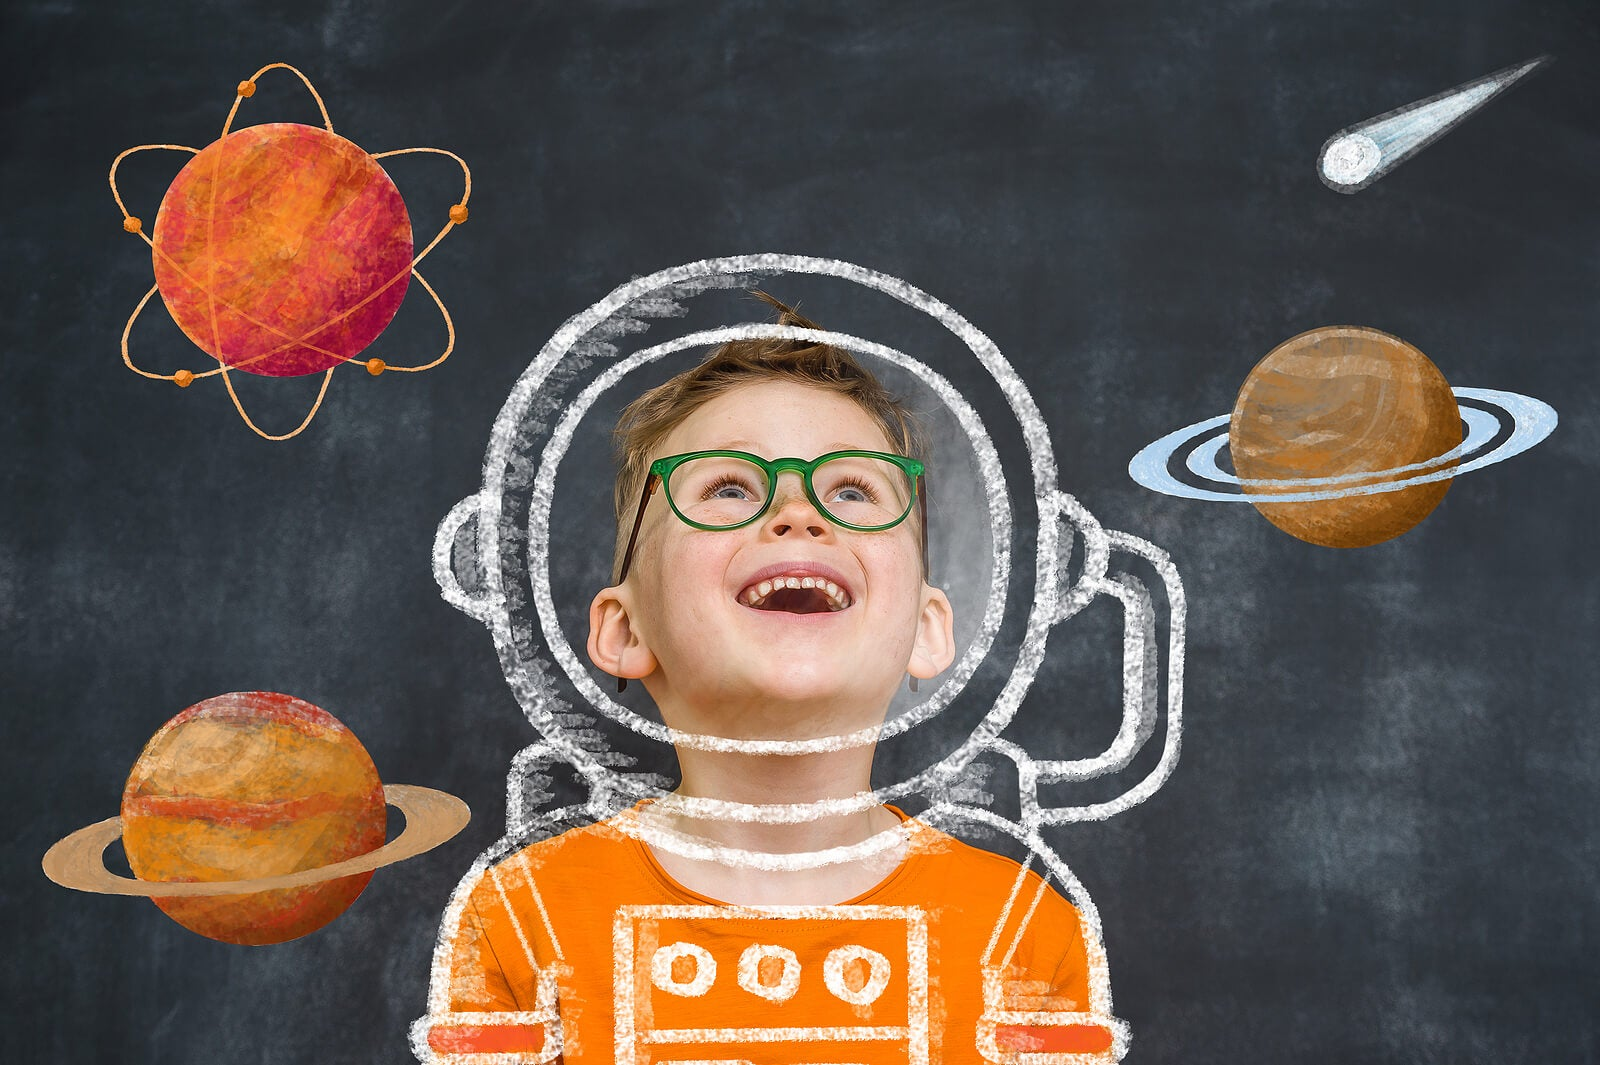 Niño motivado en el cole para cumplir su sueño de ser astronauta.